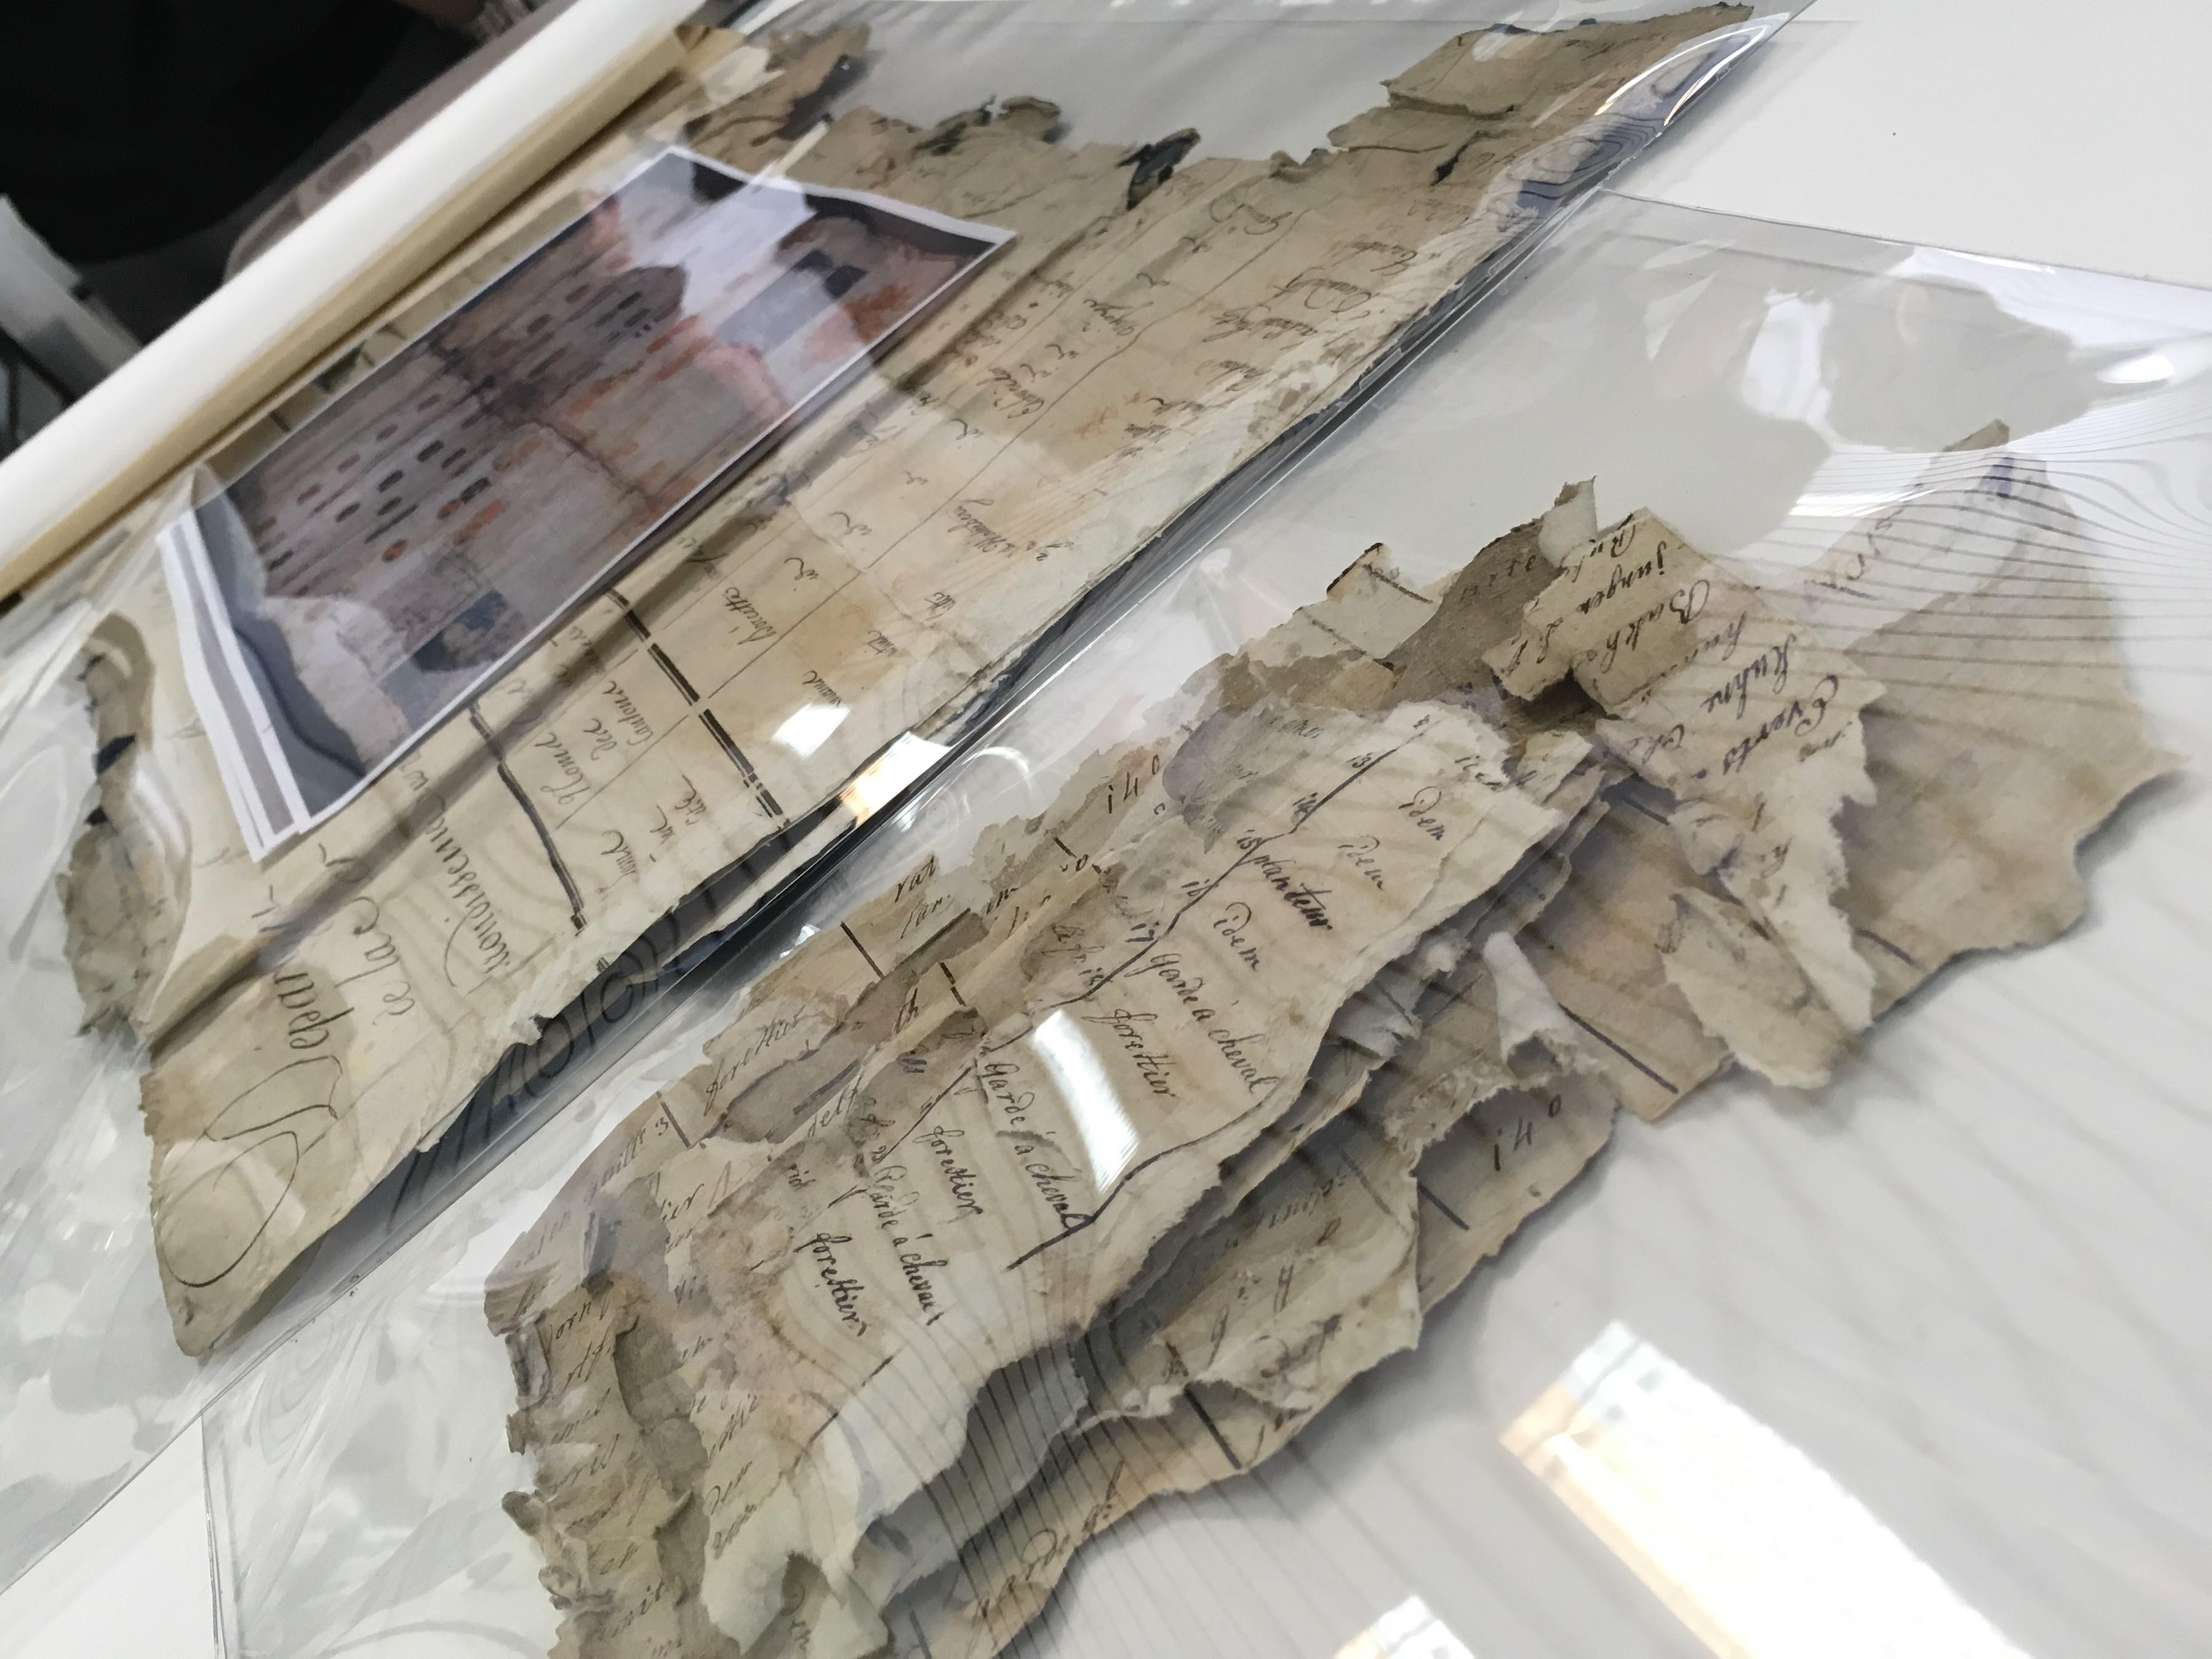 Photographie travail archivistique